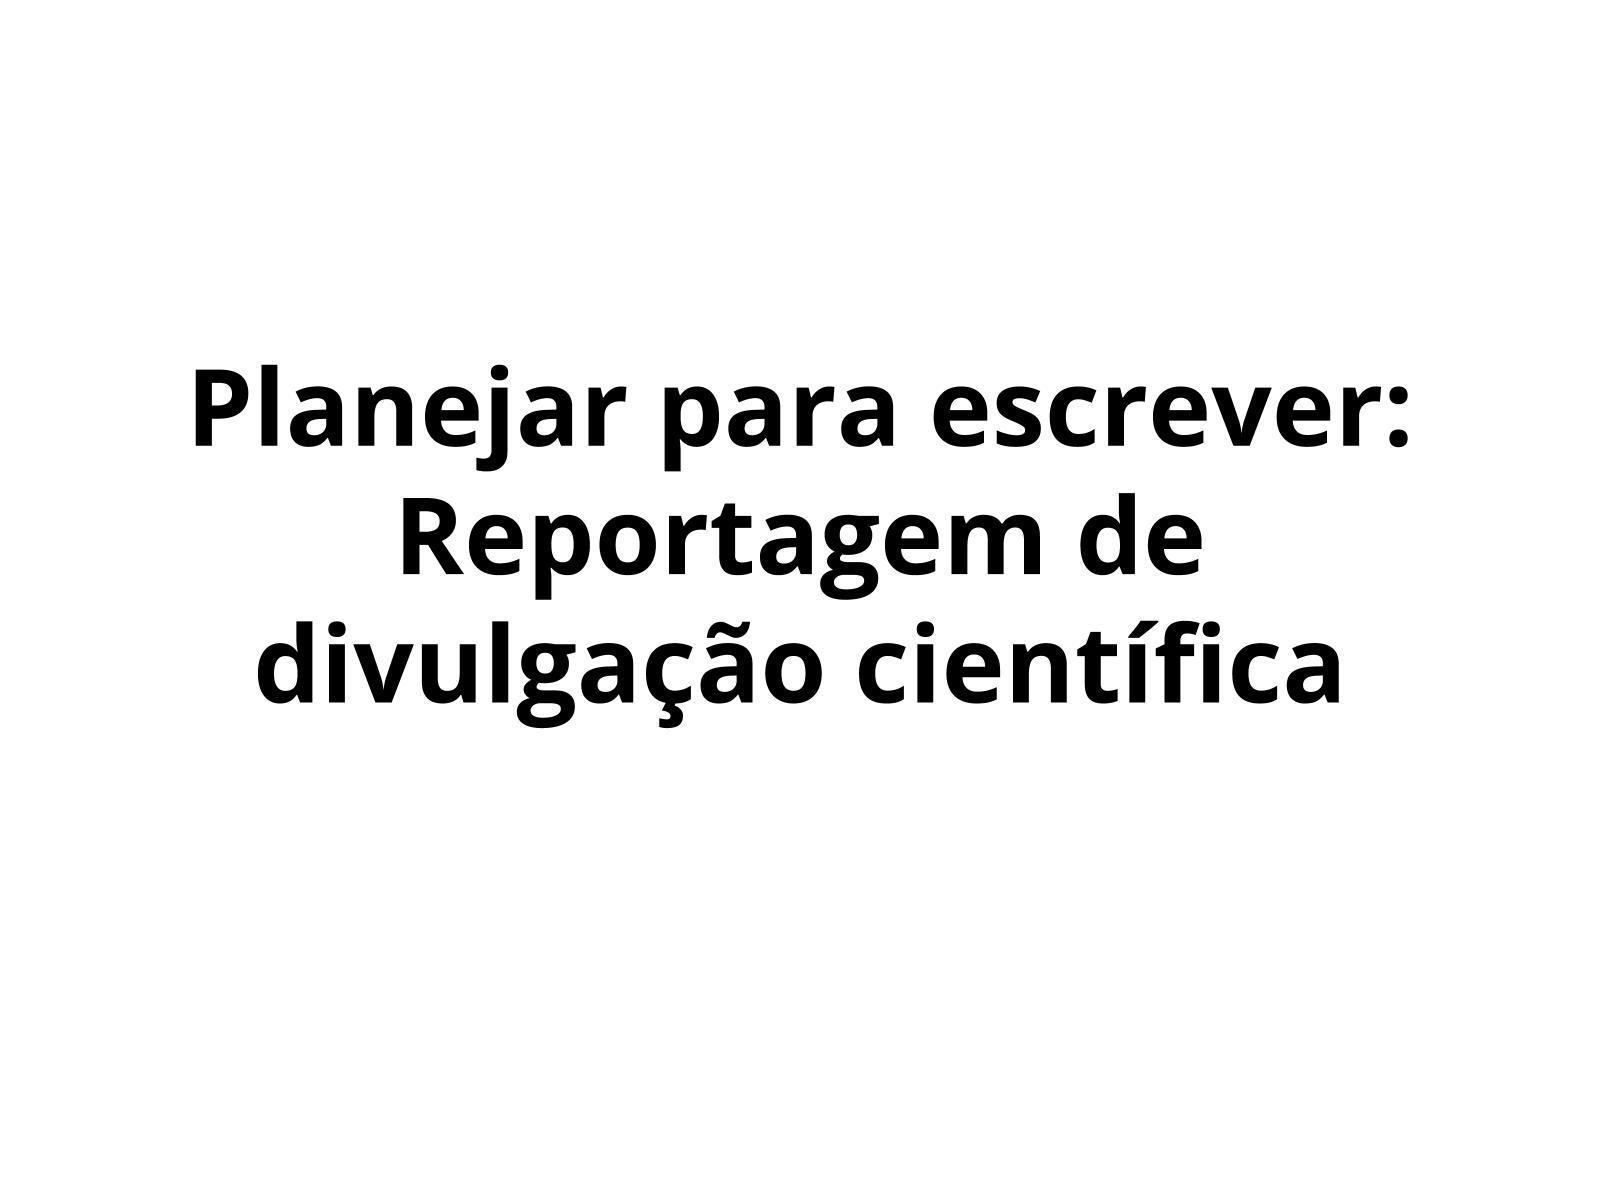 Planejamento da escrita de Reportagem de divulgação científica